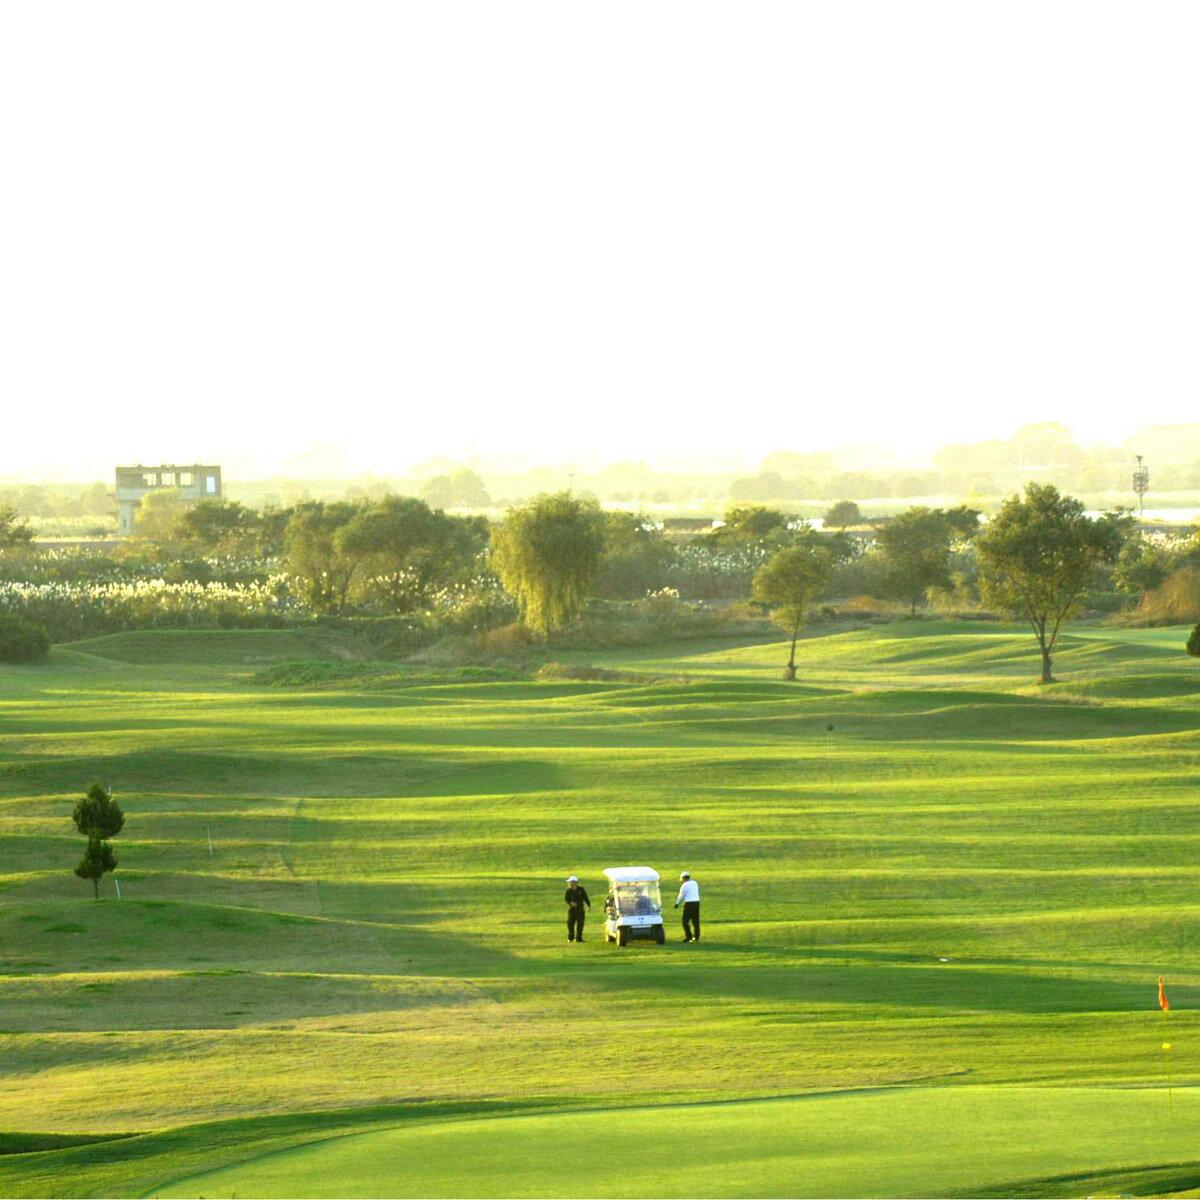 【ふるさと納税】AP01_古河市営ゴルフ場古河ゴルフリンクス平日ペアゴルフプレー無料券(2名分)食事つき